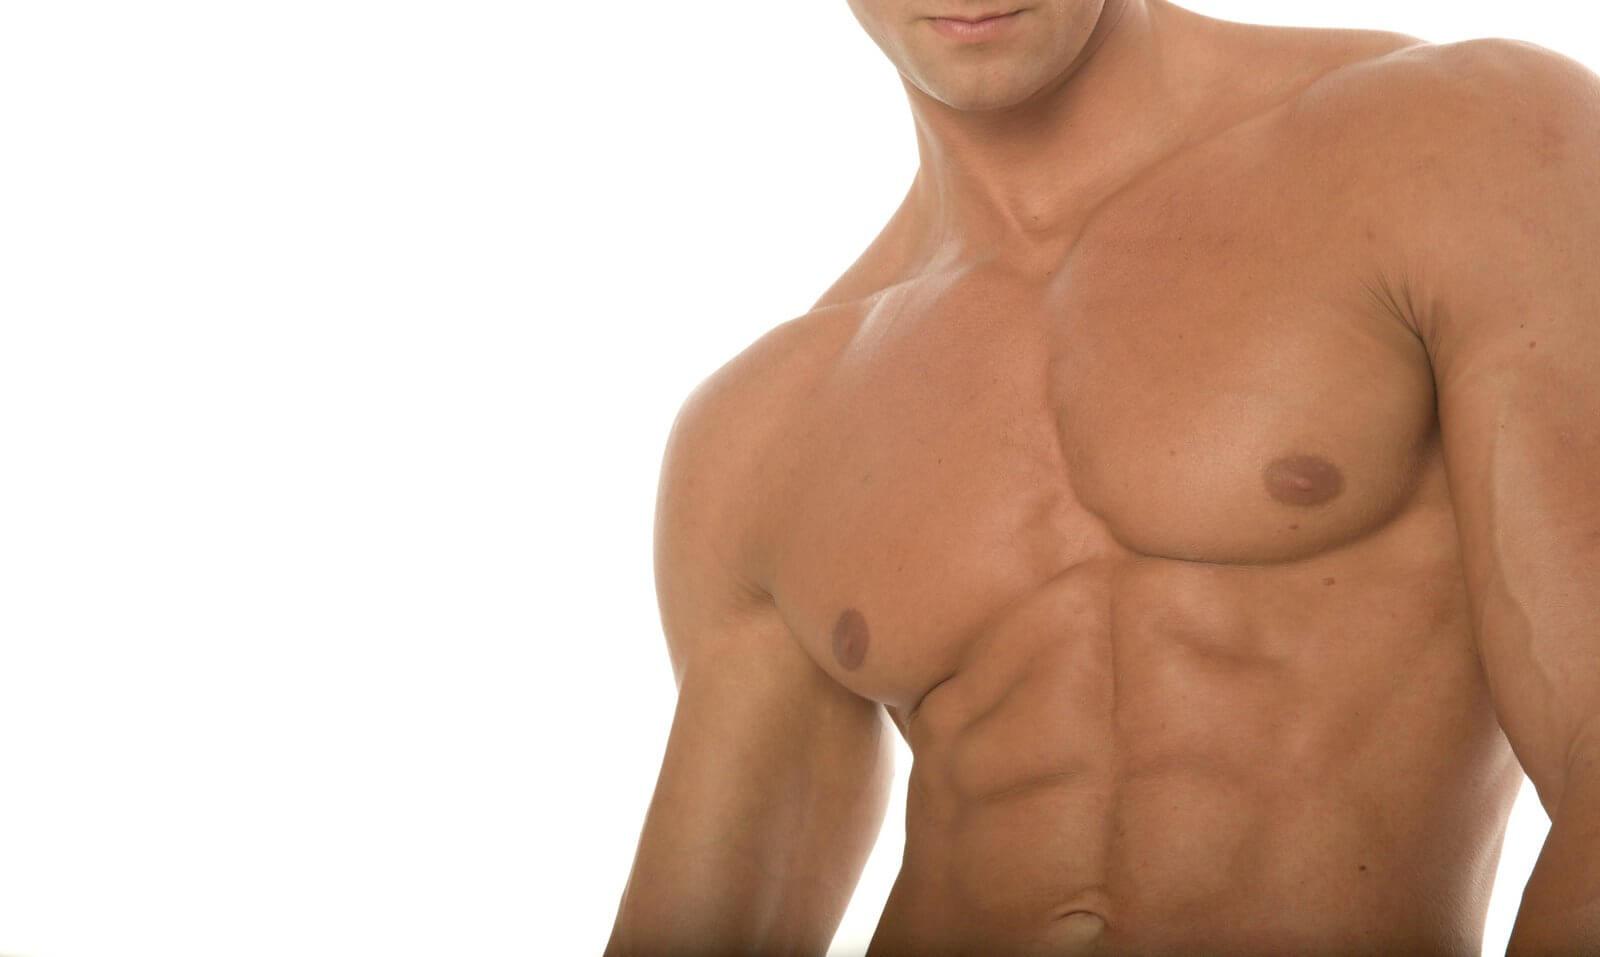 tratamientos estéticos no invasivos hombres